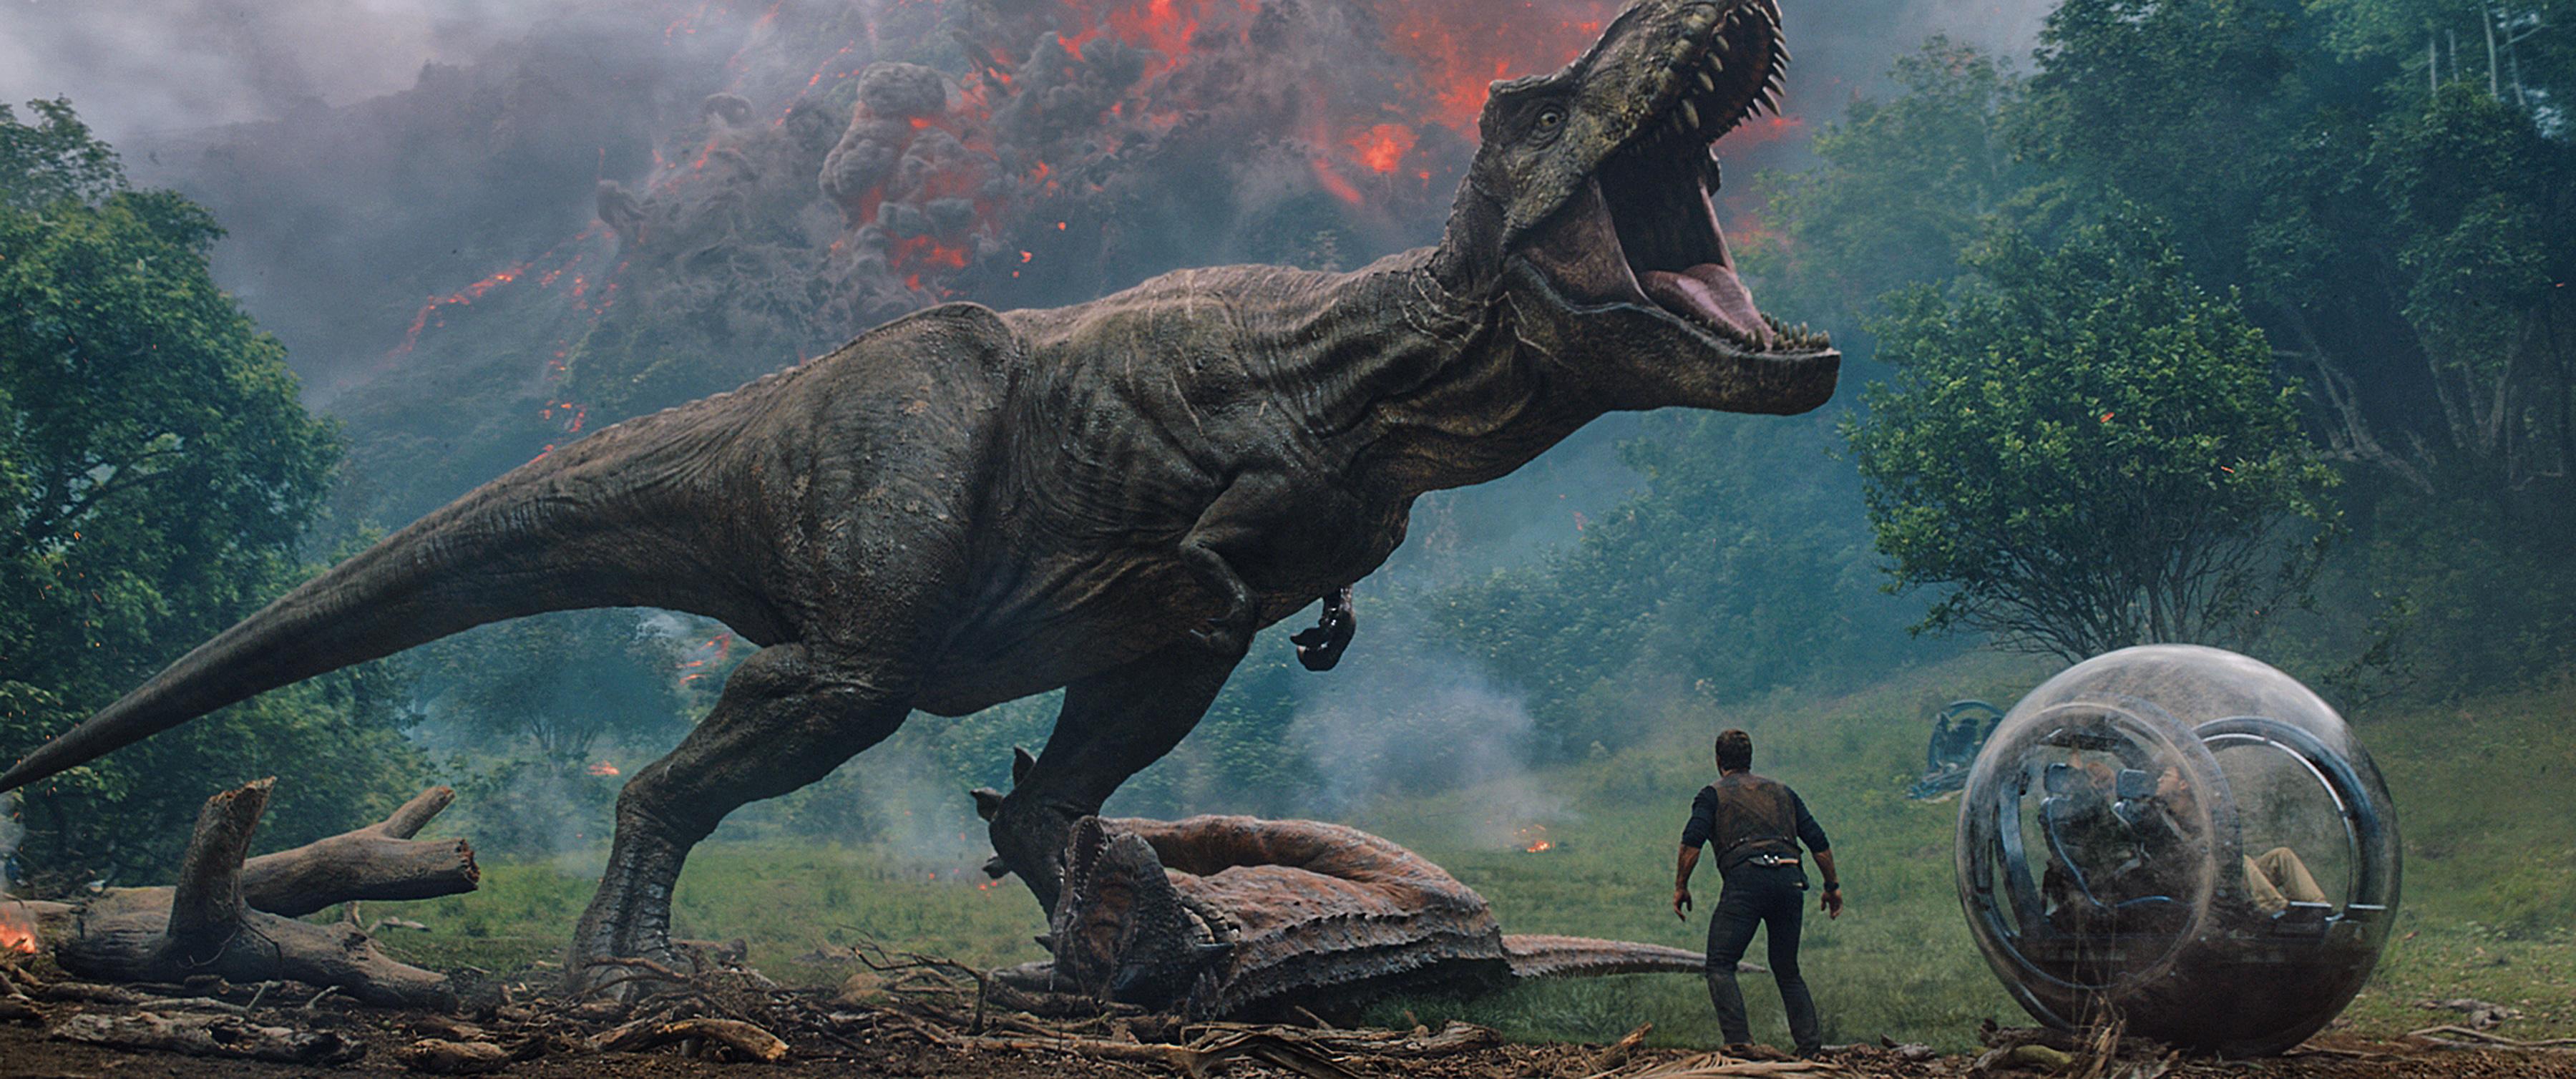 Jurassic World: Fallen Kingdom - T-Rex save